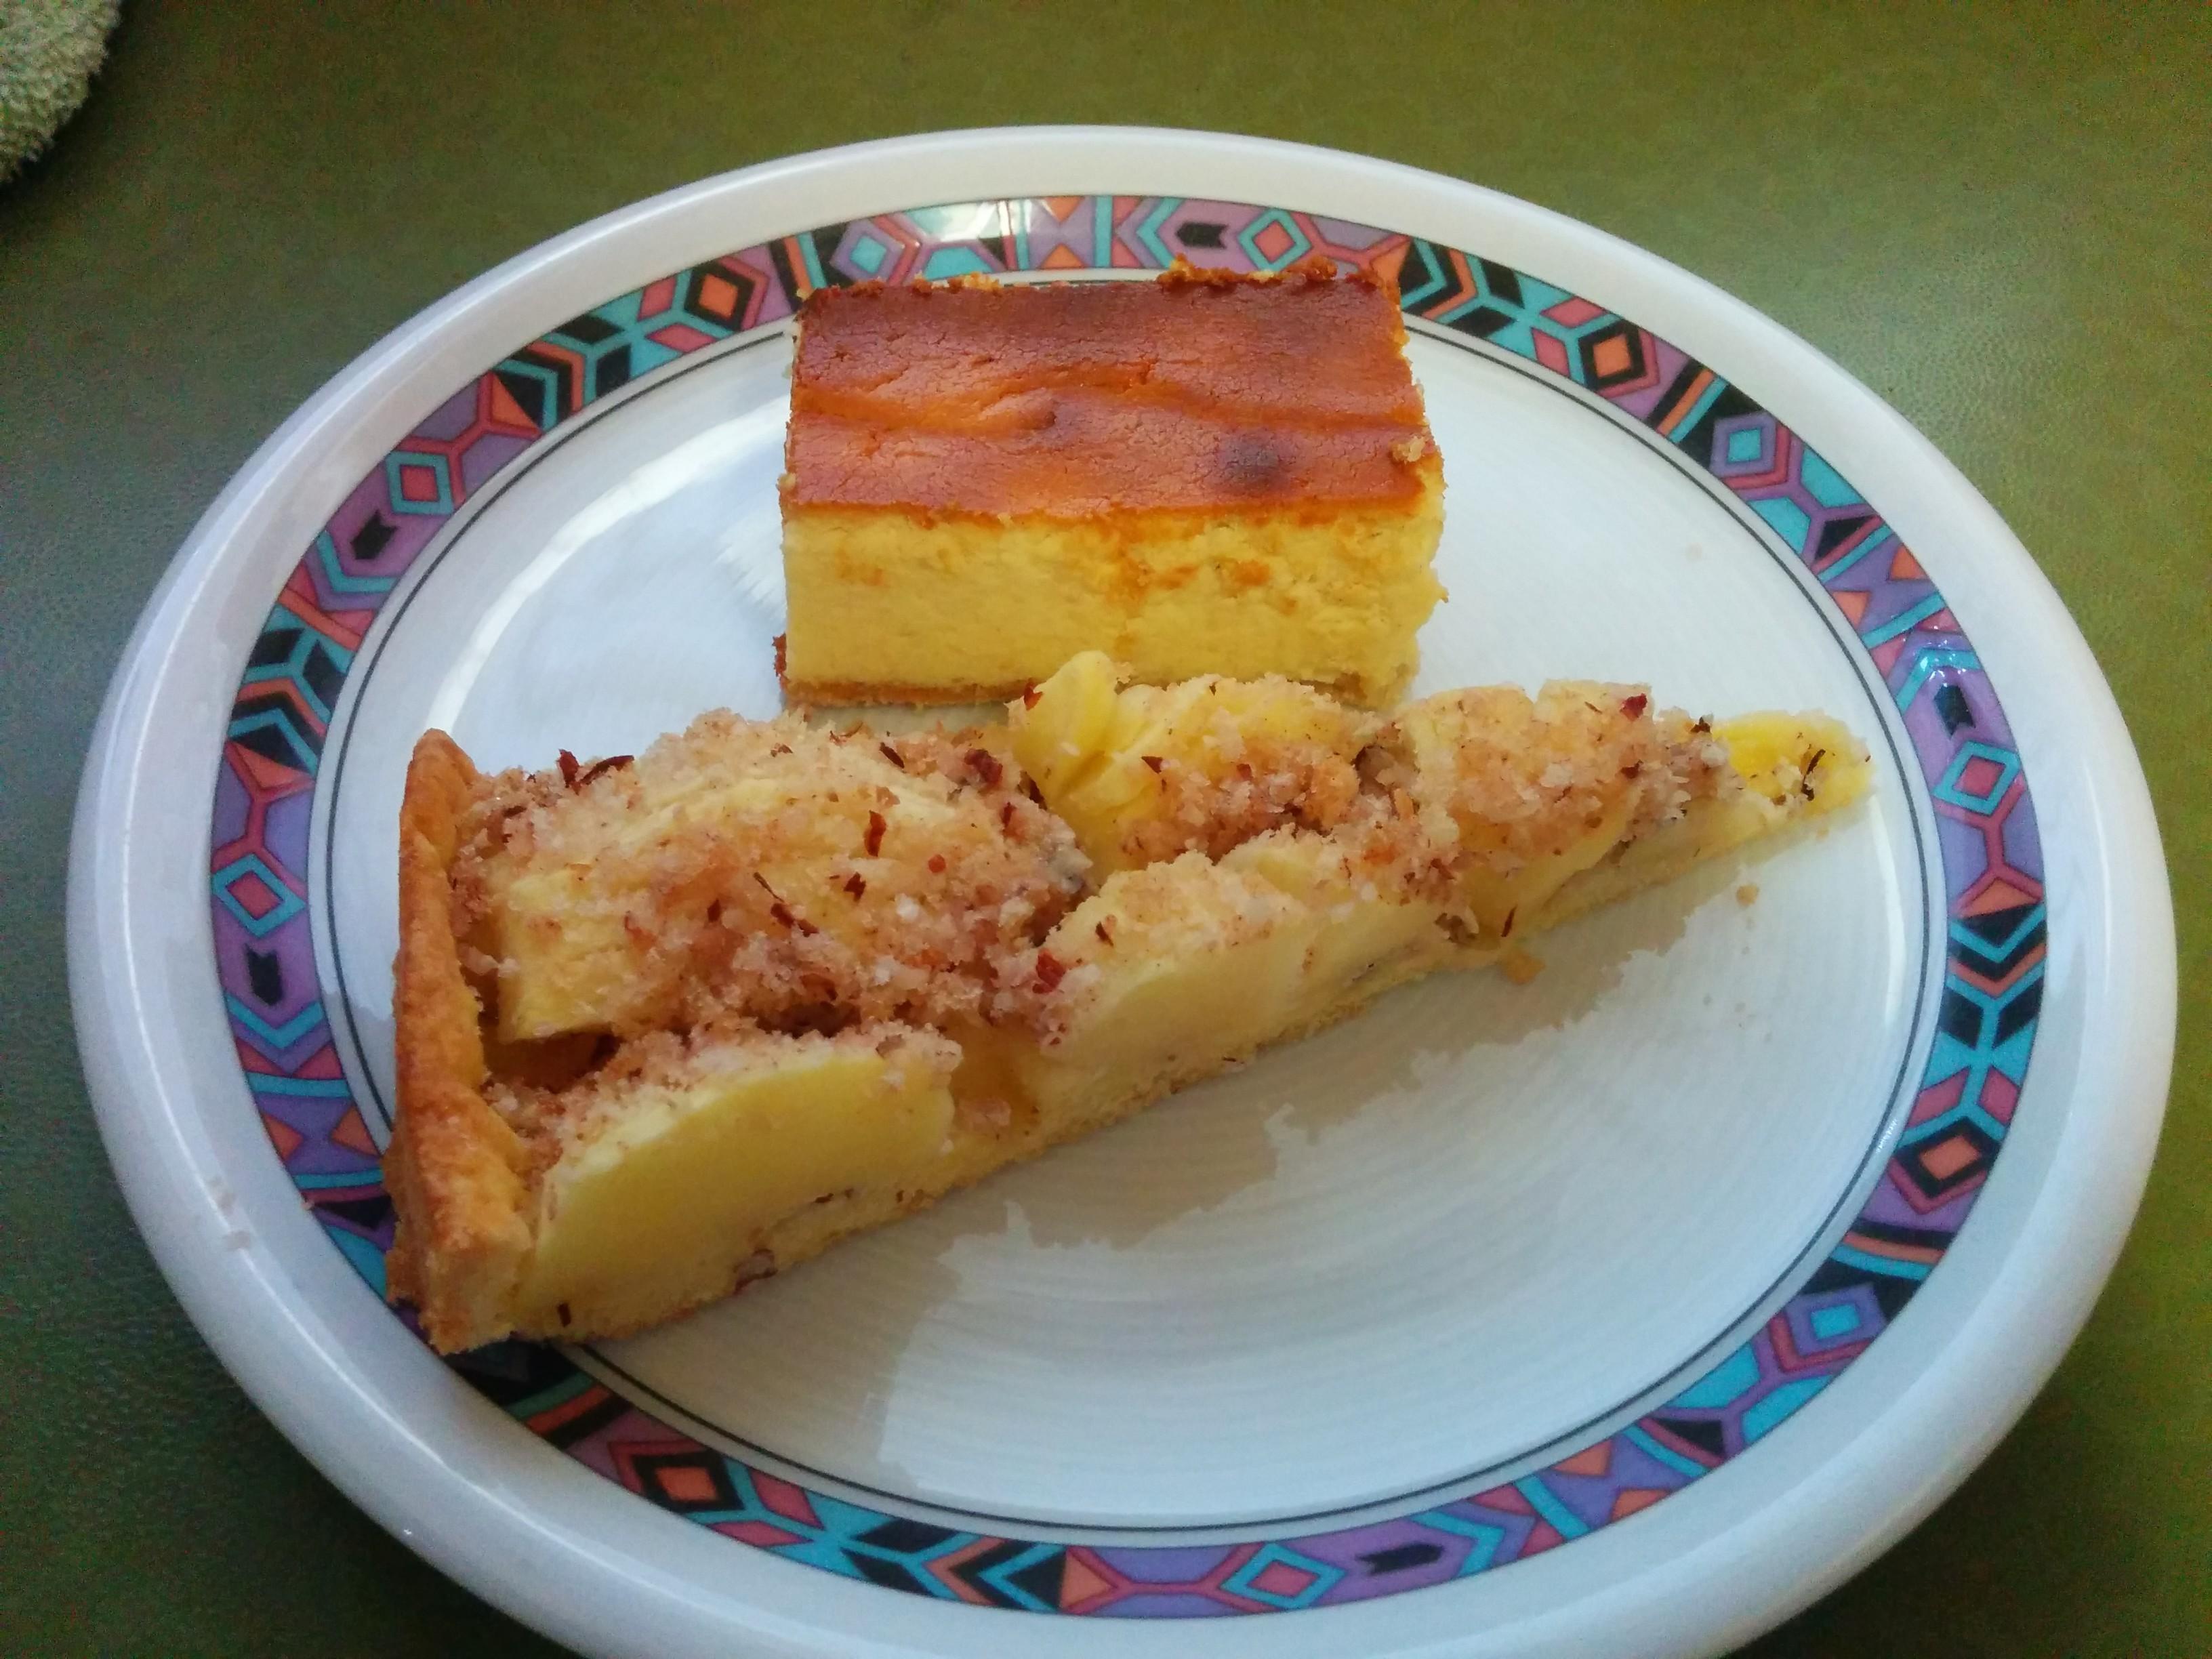 https://foodloader.net/nico_2013-12-22_apfelkuchen-und-kaesekuchen.jpg